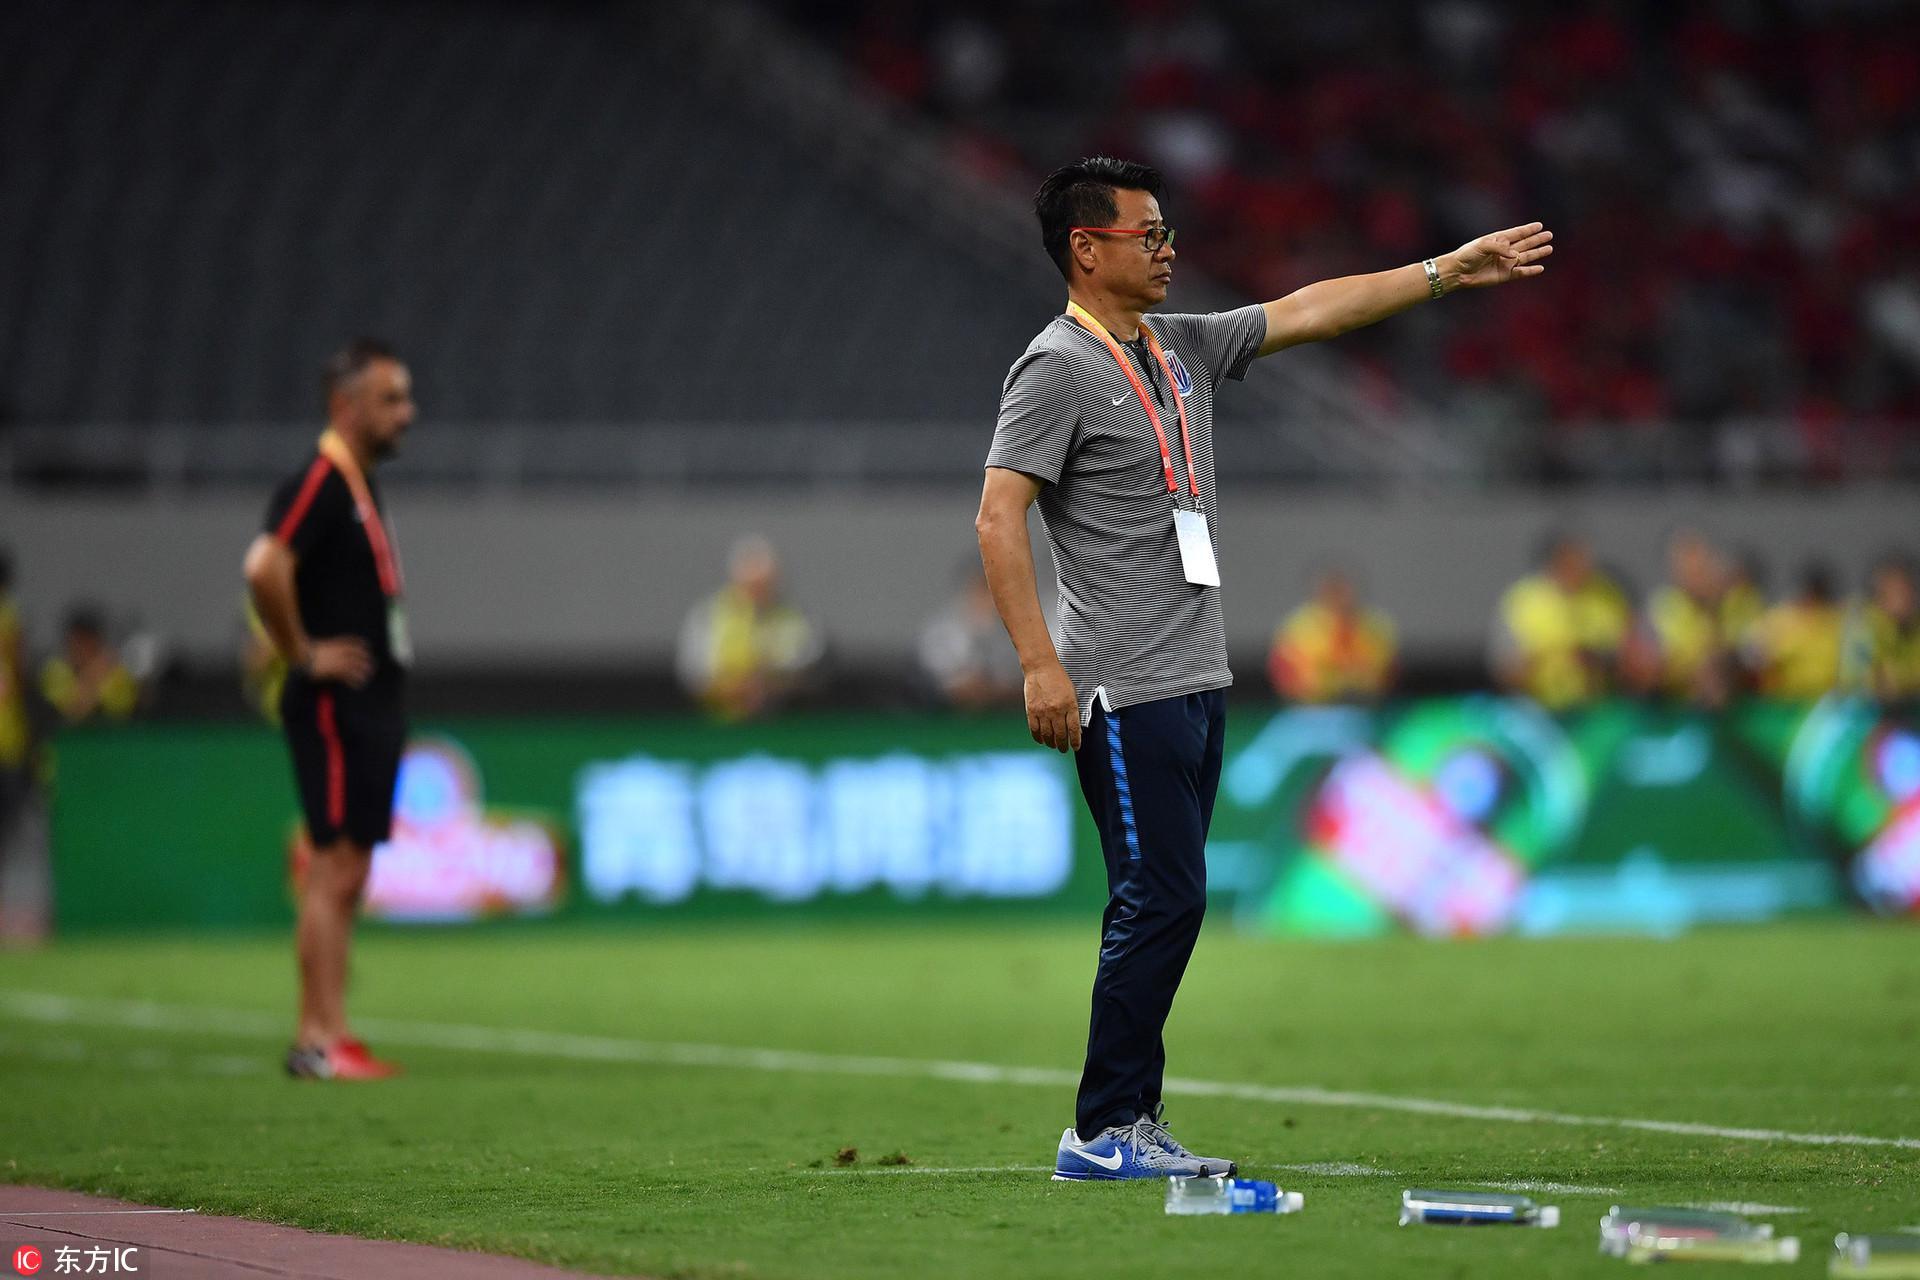 吴金贵提申花目标保级:最后九轮争取五六场胜利